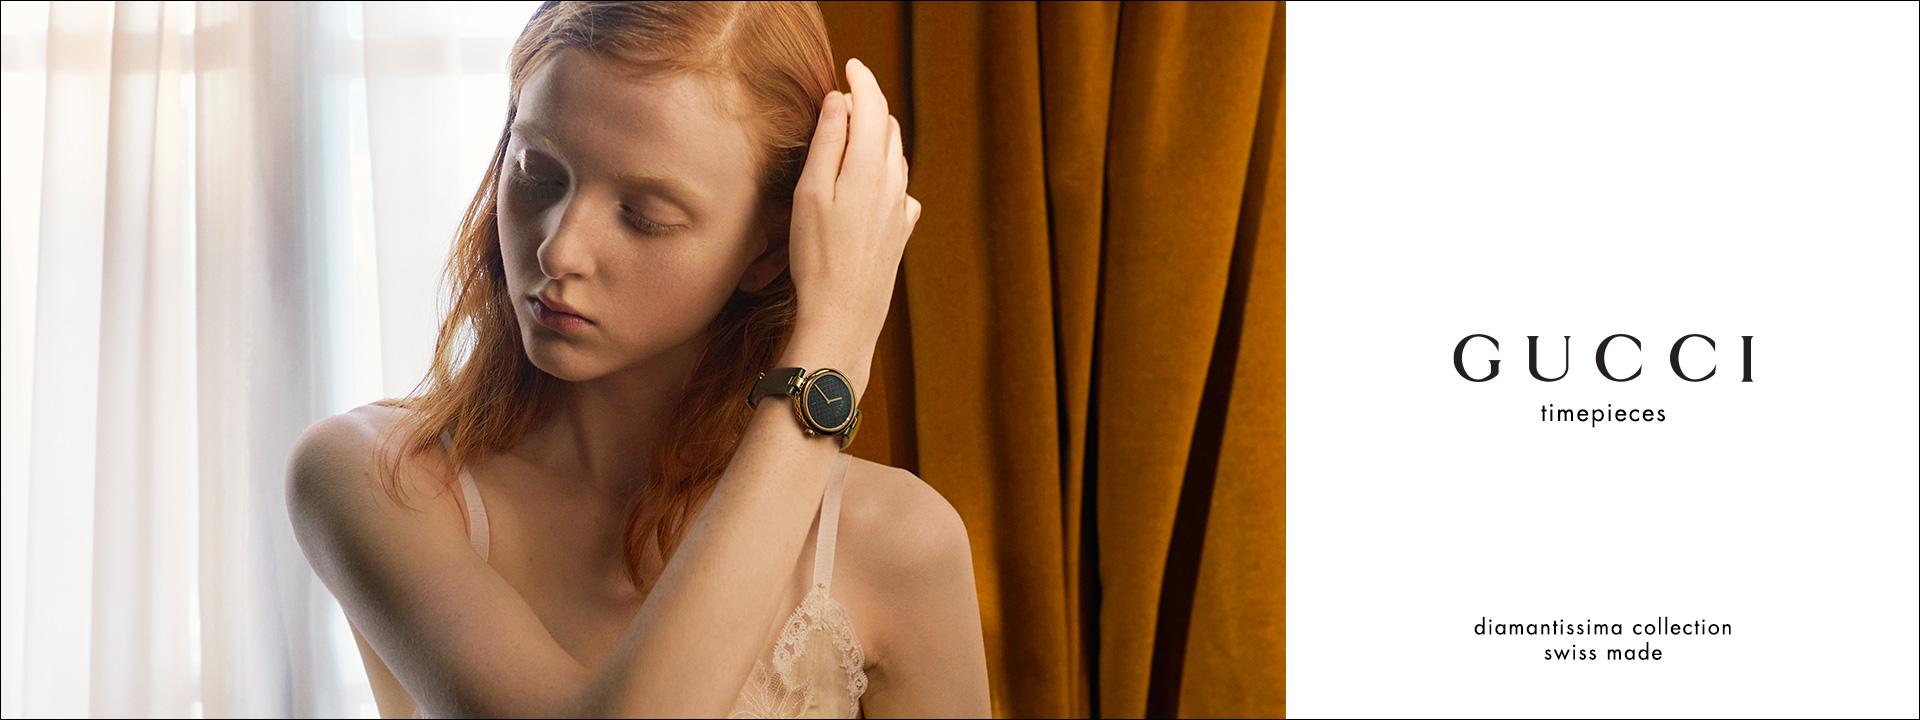 Gucci Diamantissima Collection